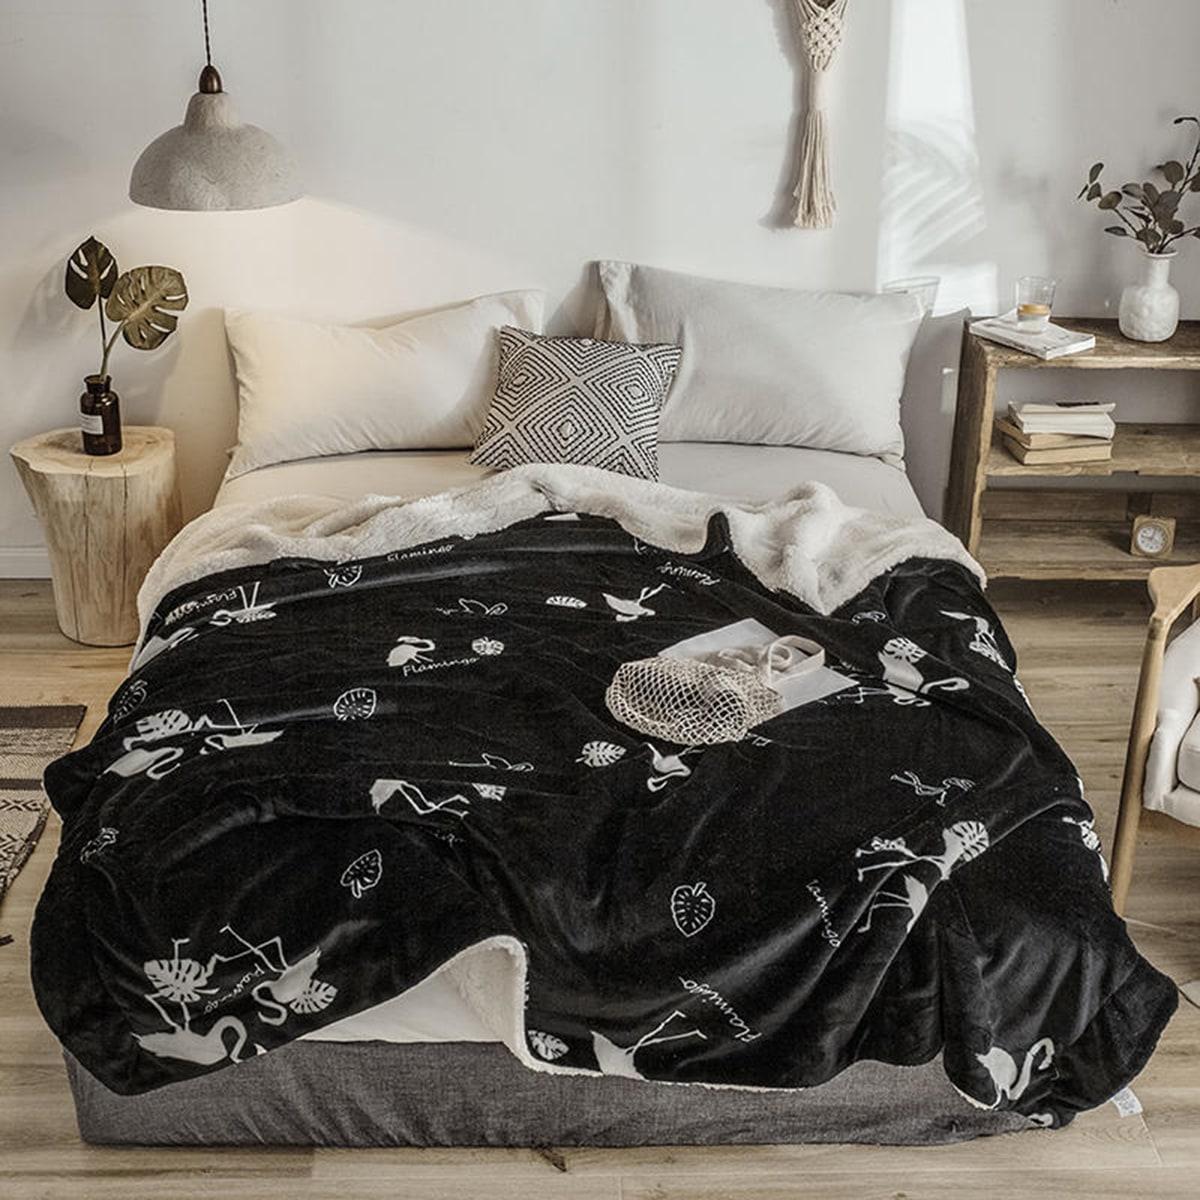 Tropische deken met blad- en flamingoprint